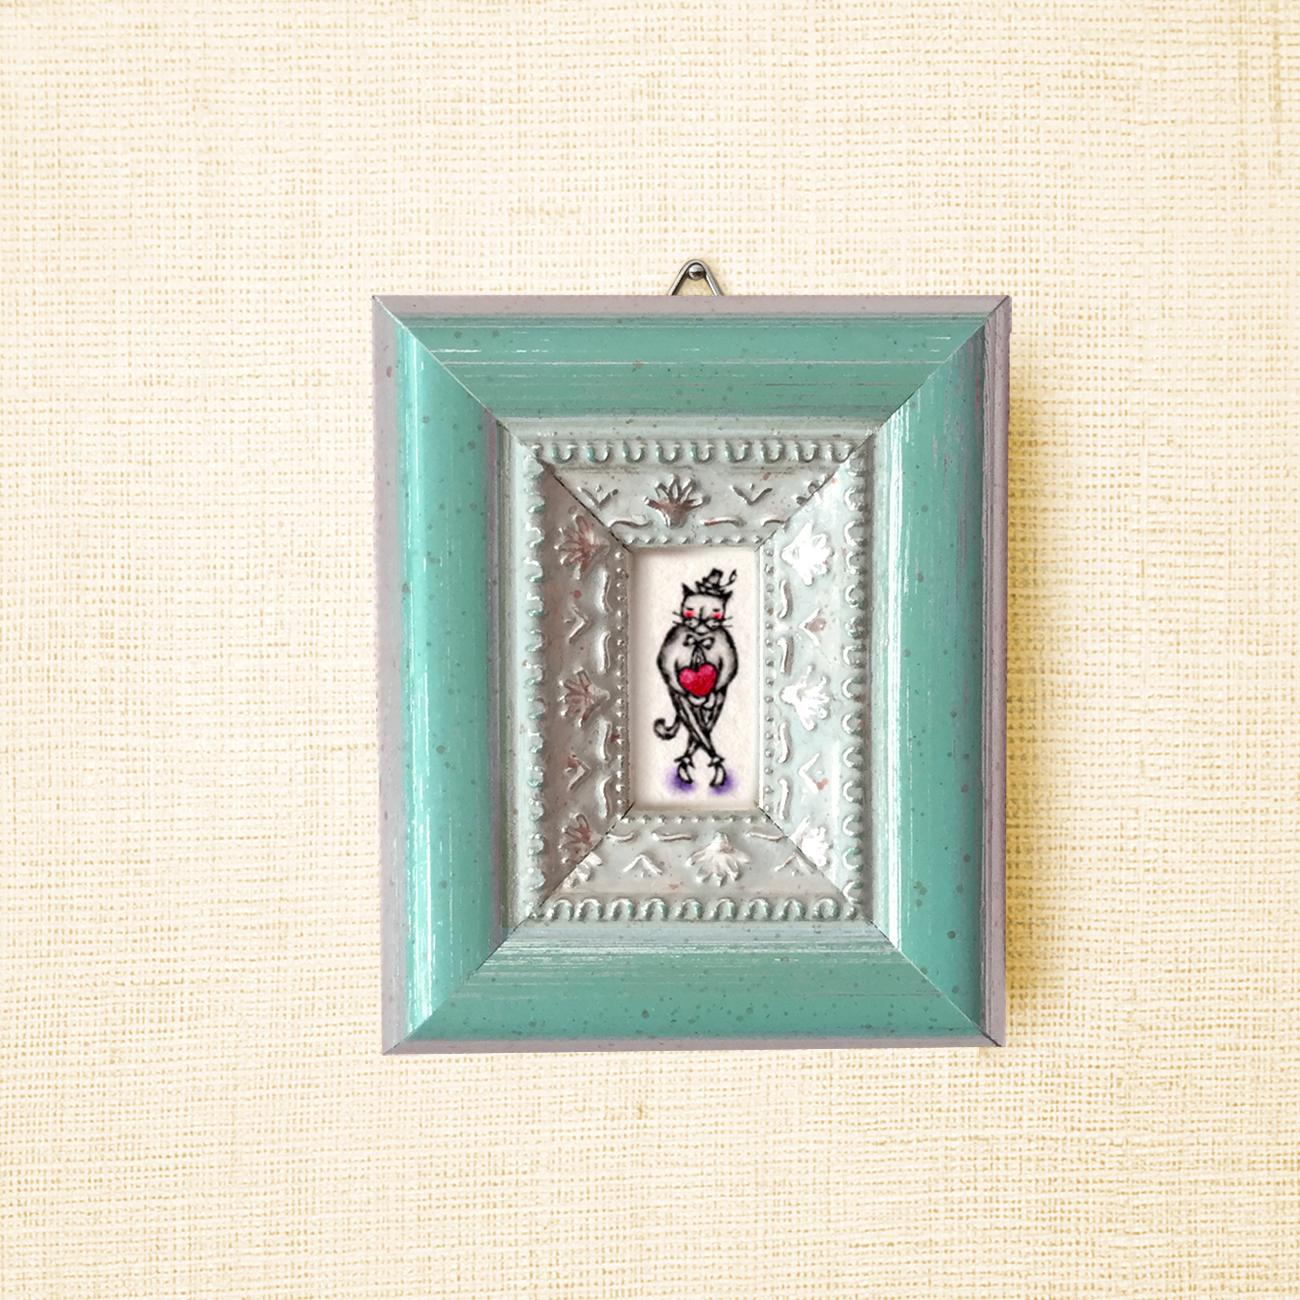 ミニ額縁 原画【 愛の配達人 】cat ver. / mini size frame